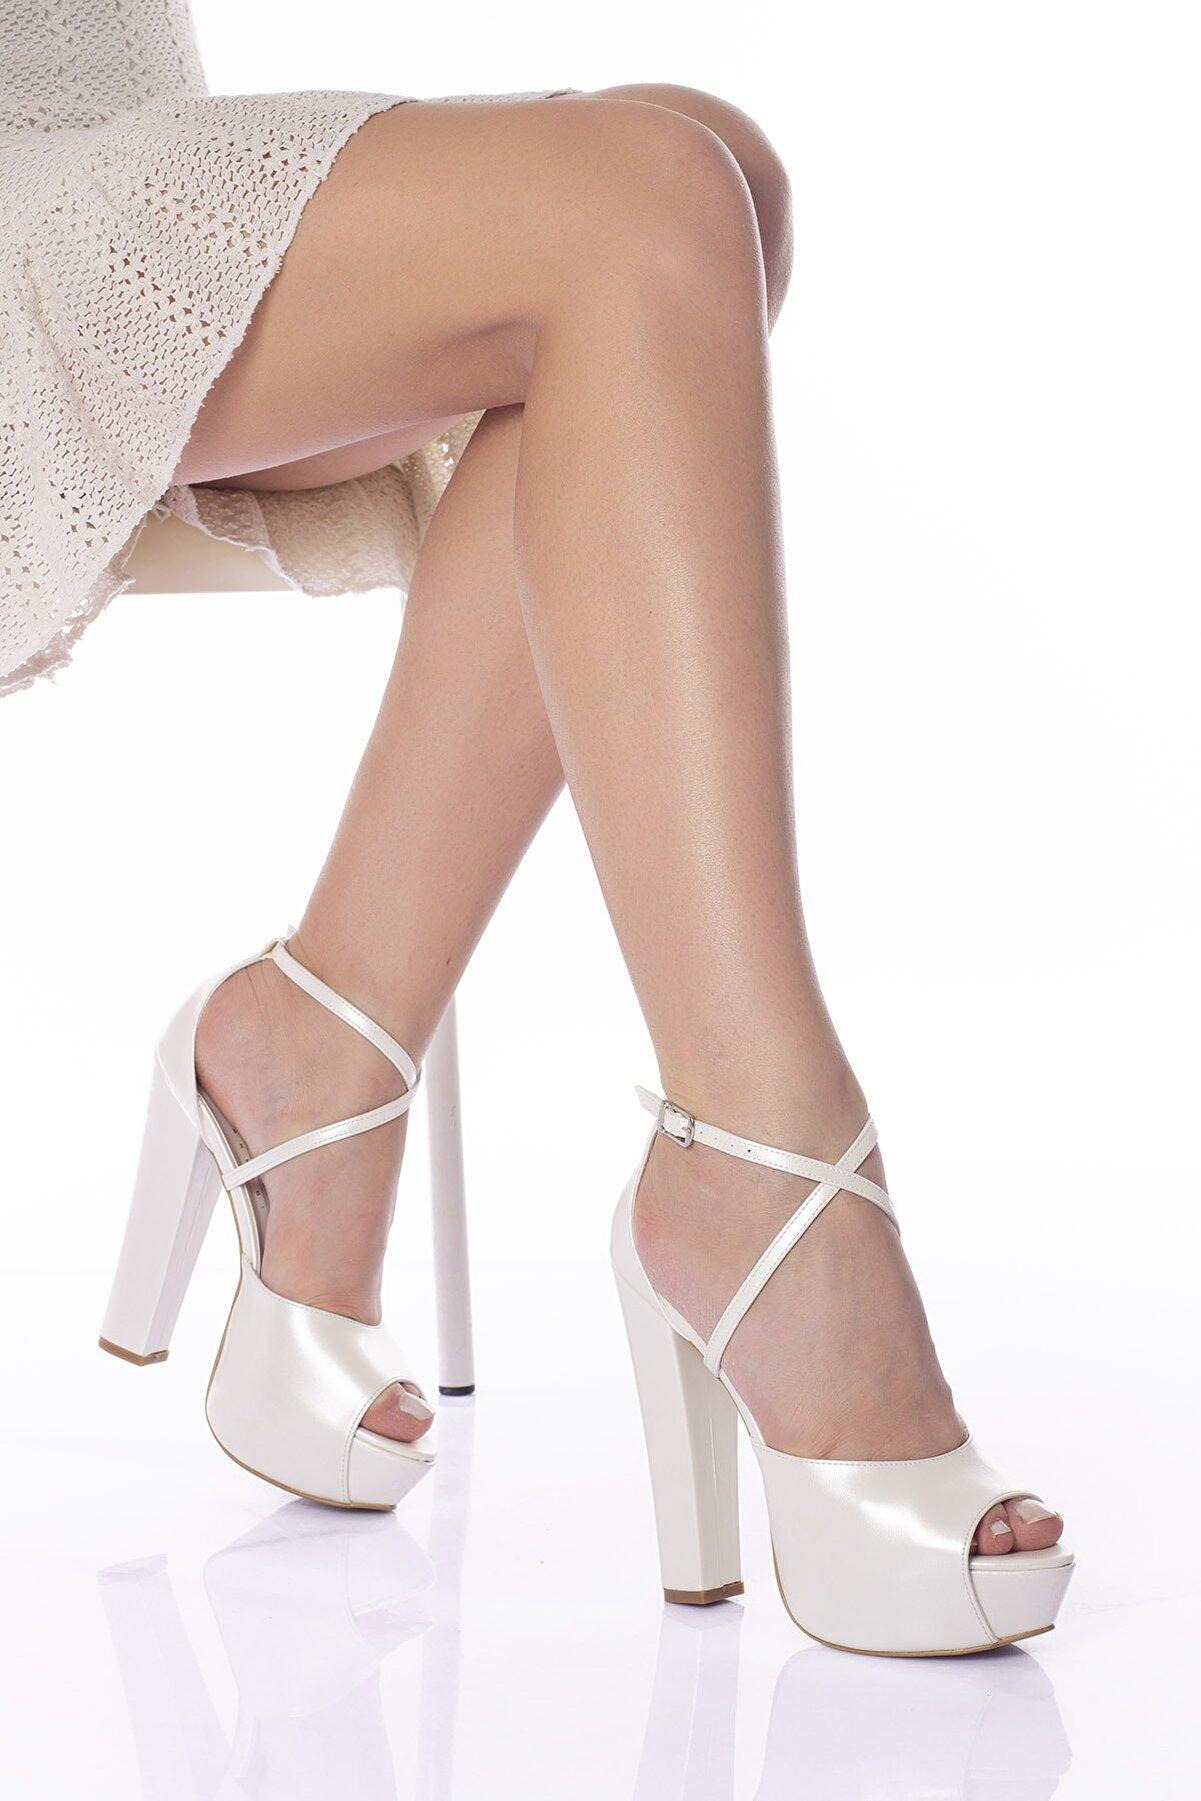 Hayat ayakkabı Sedef Cilt Kadın Yüksek Topuklu Abiye Gelinlik Ayakkabı